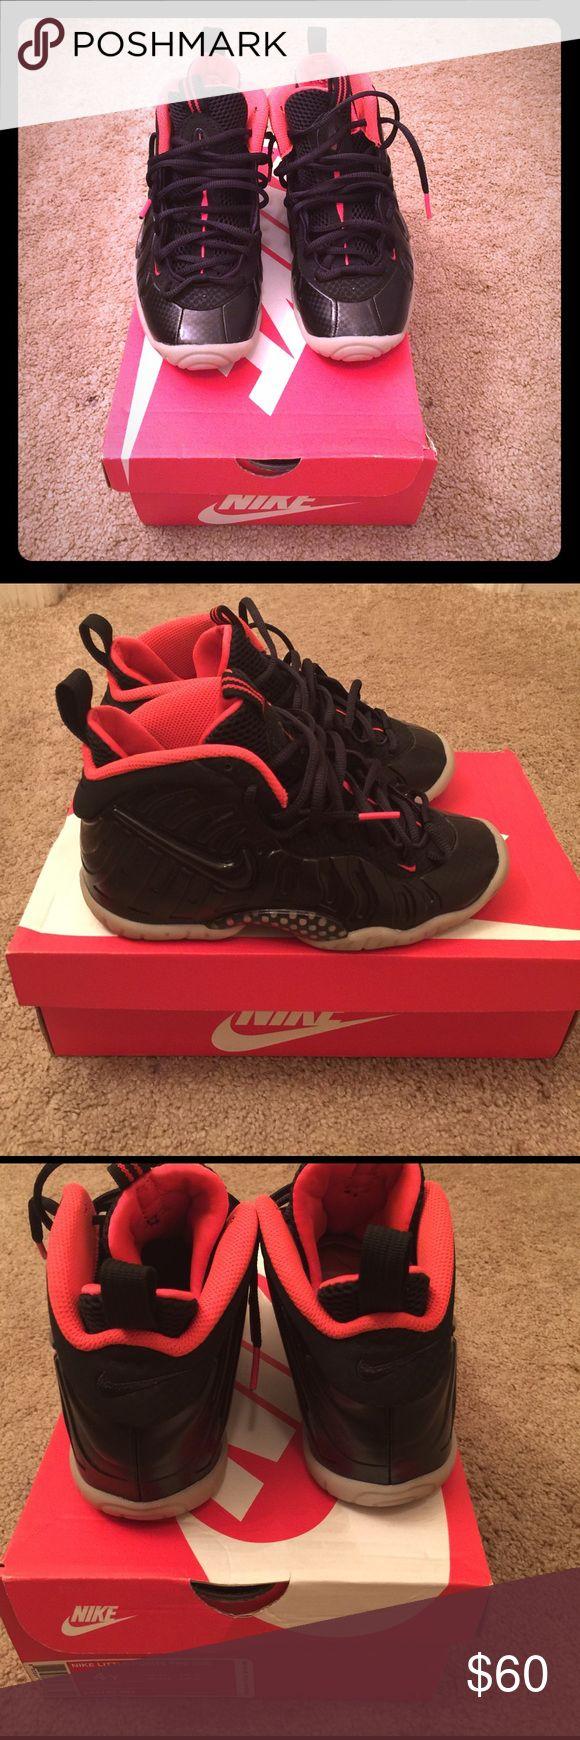 Nike Yeezy foamposite Kid size 4 Bottom of the shoe glow in the dark Shoes Sneakers